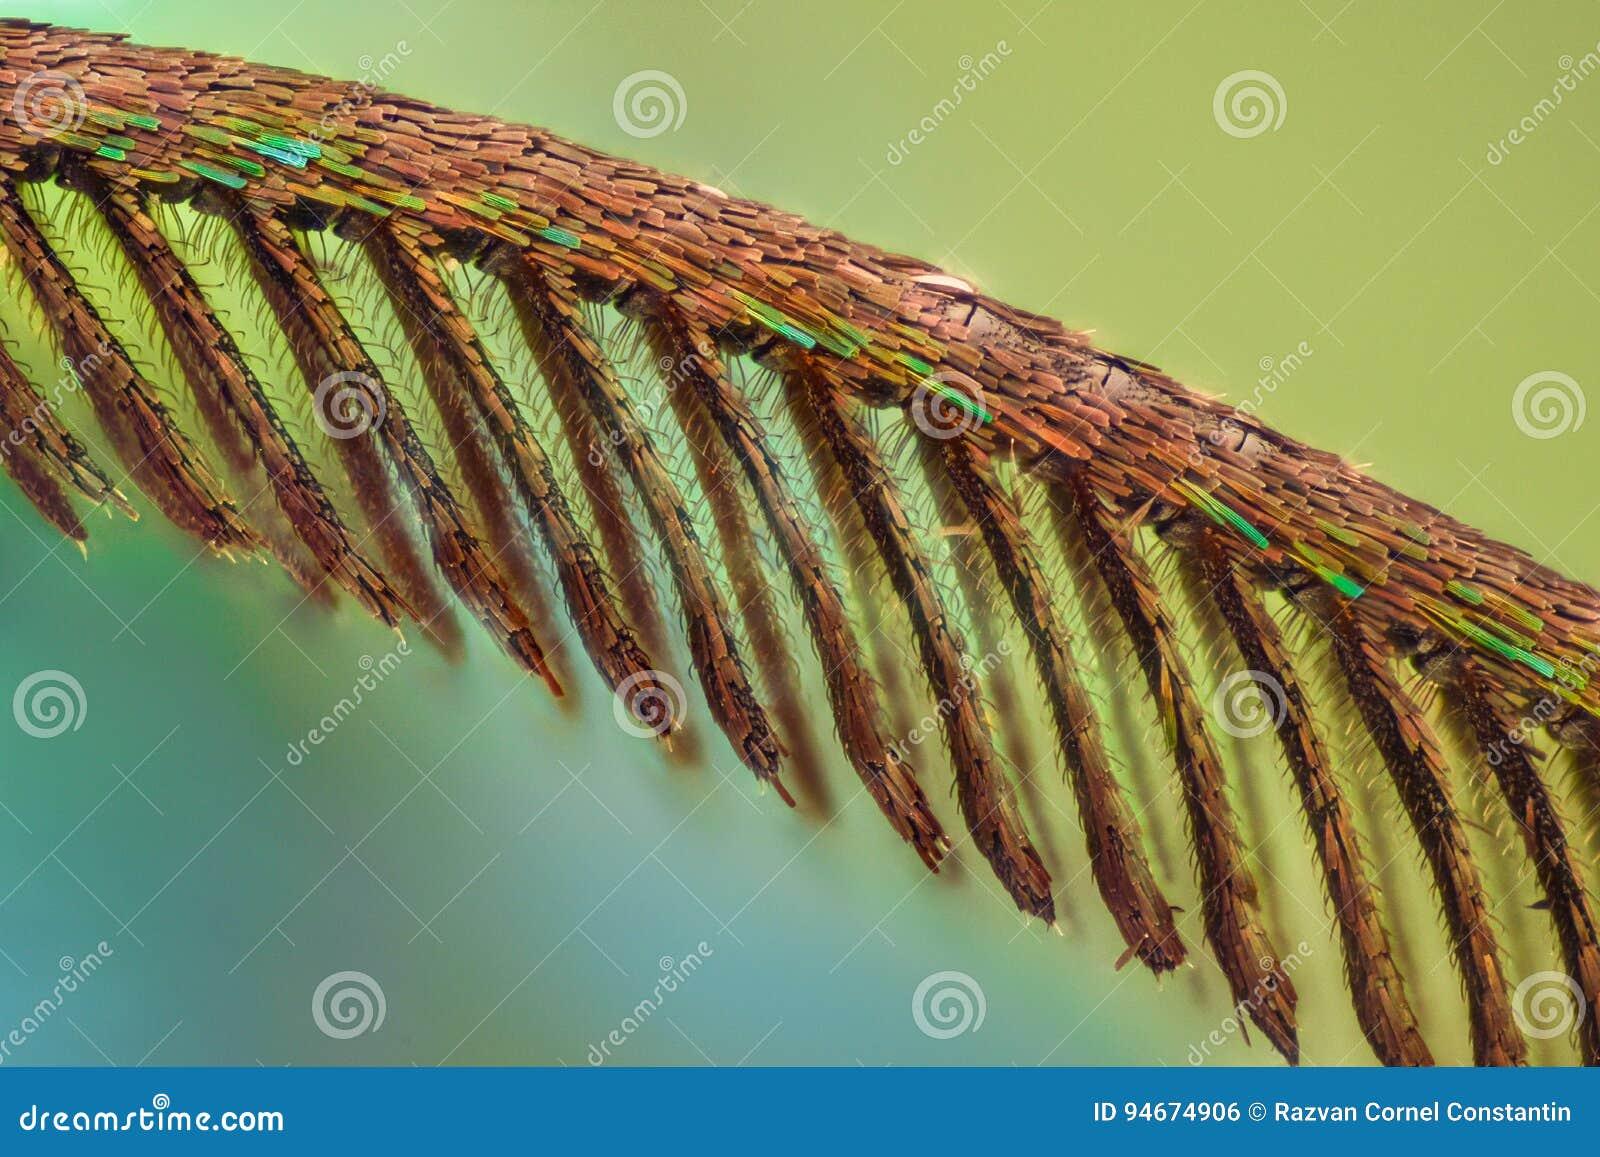 Ingrandimento estremo - lepidottero di giorno colorato